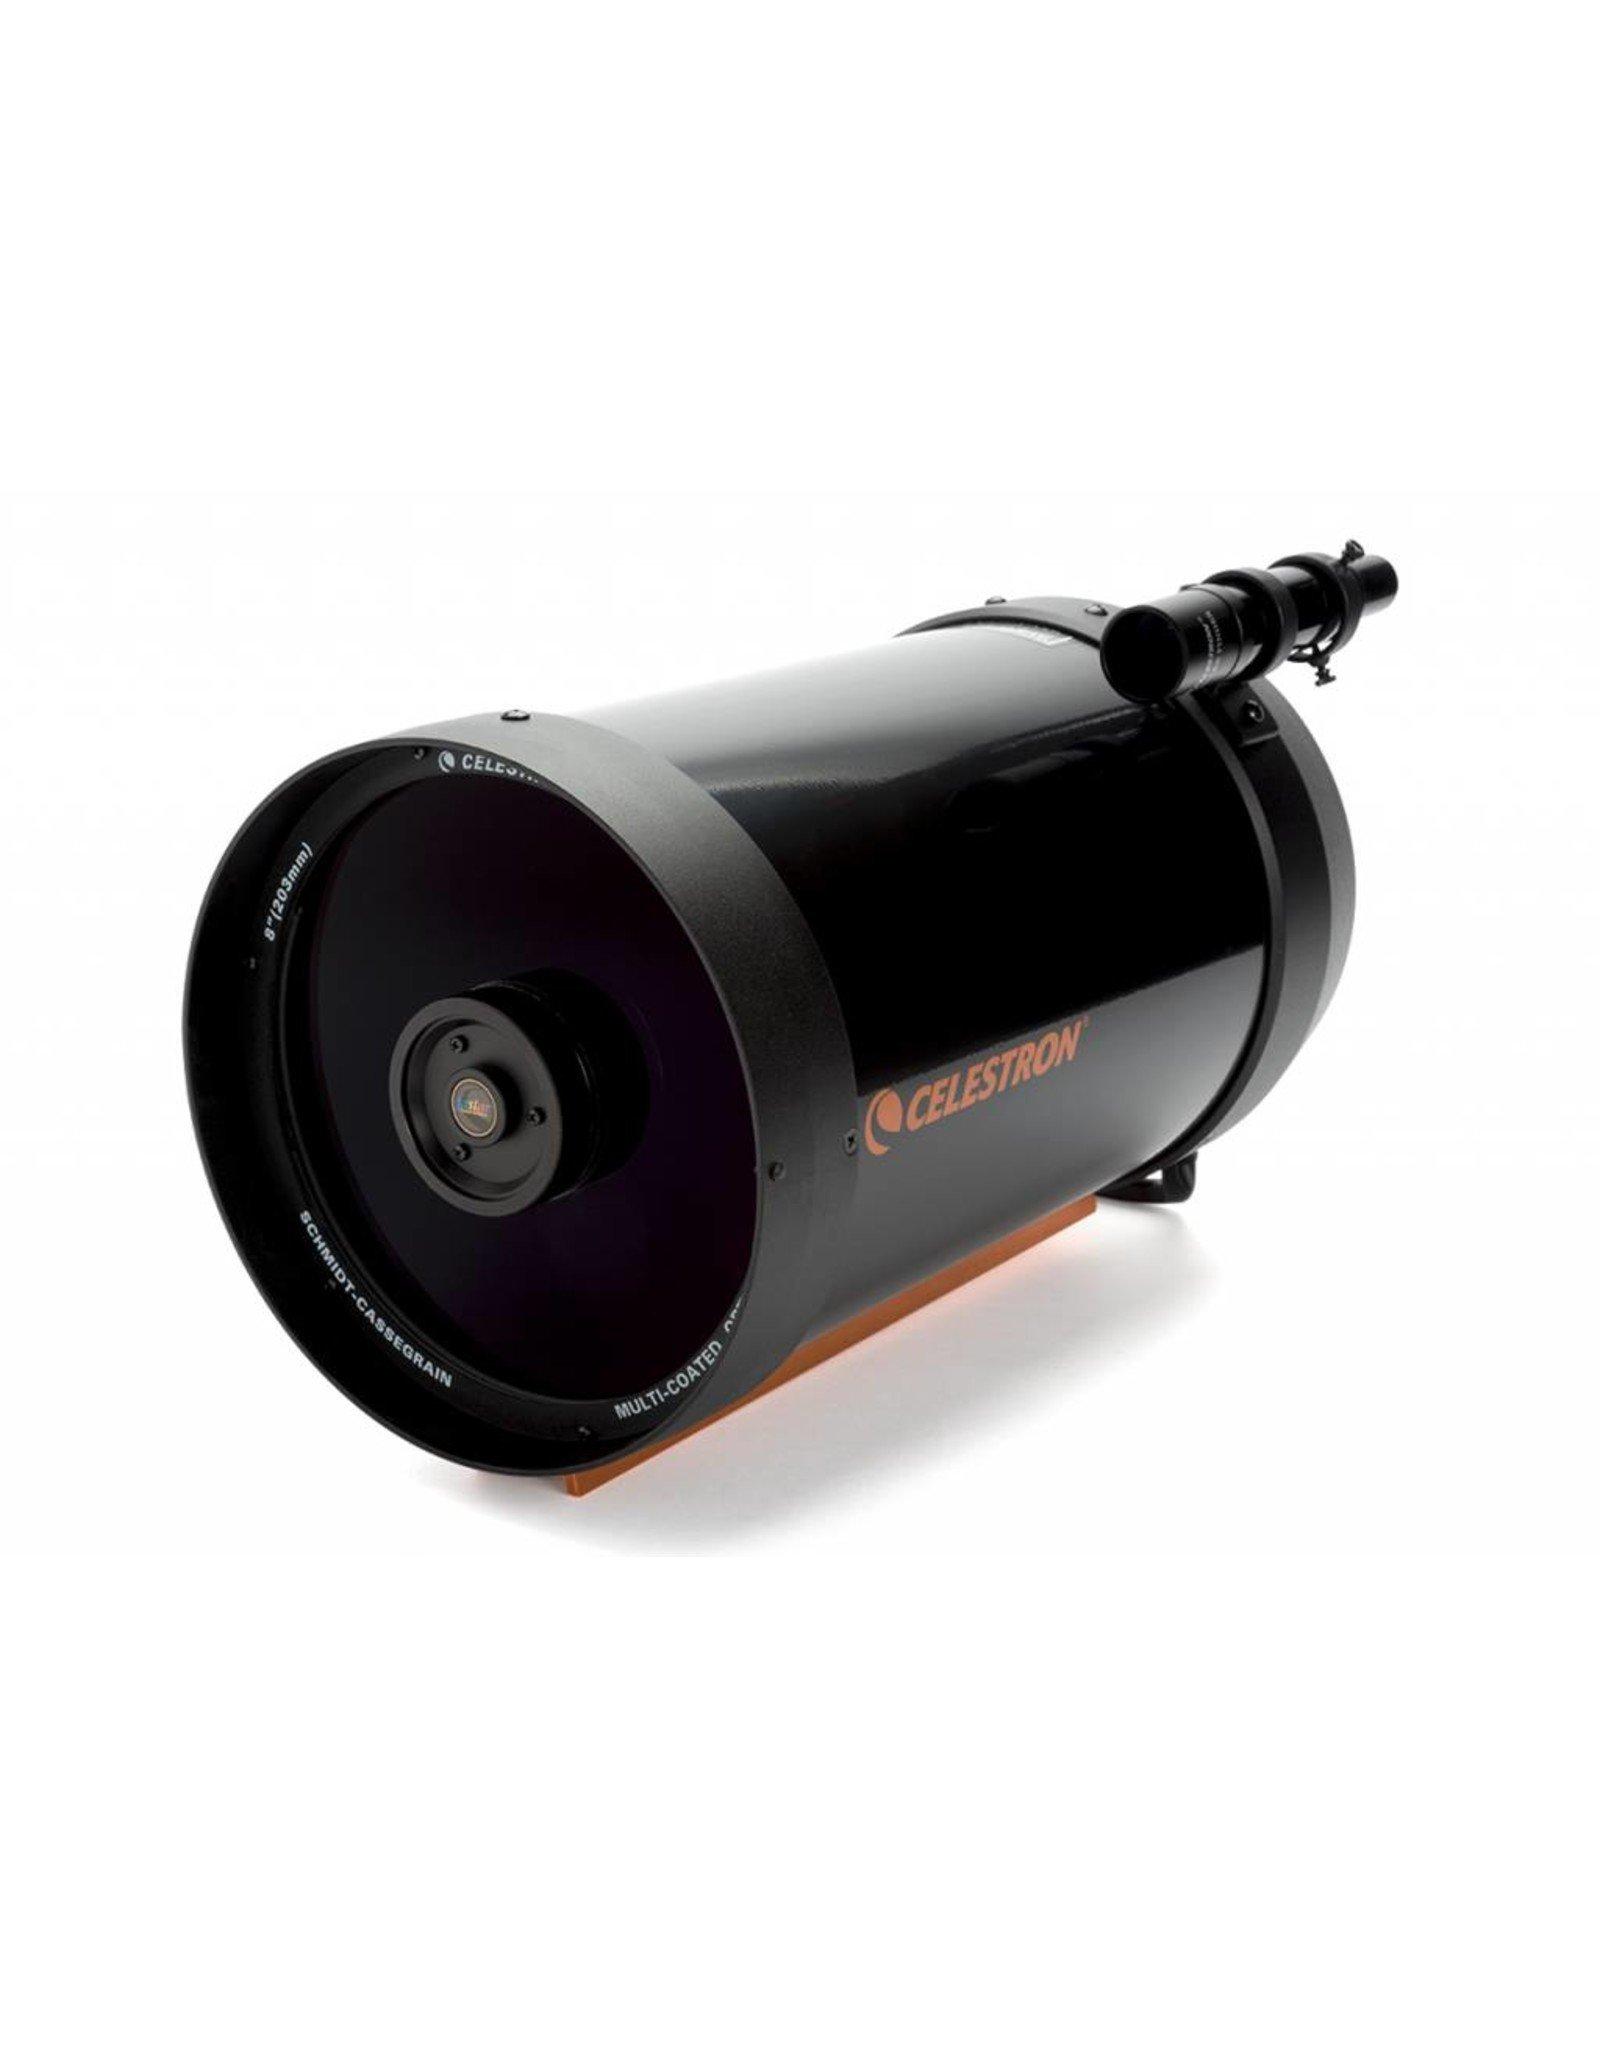 Celestron Celestron C8-A XLT (CG5) Optical Tube Assembly